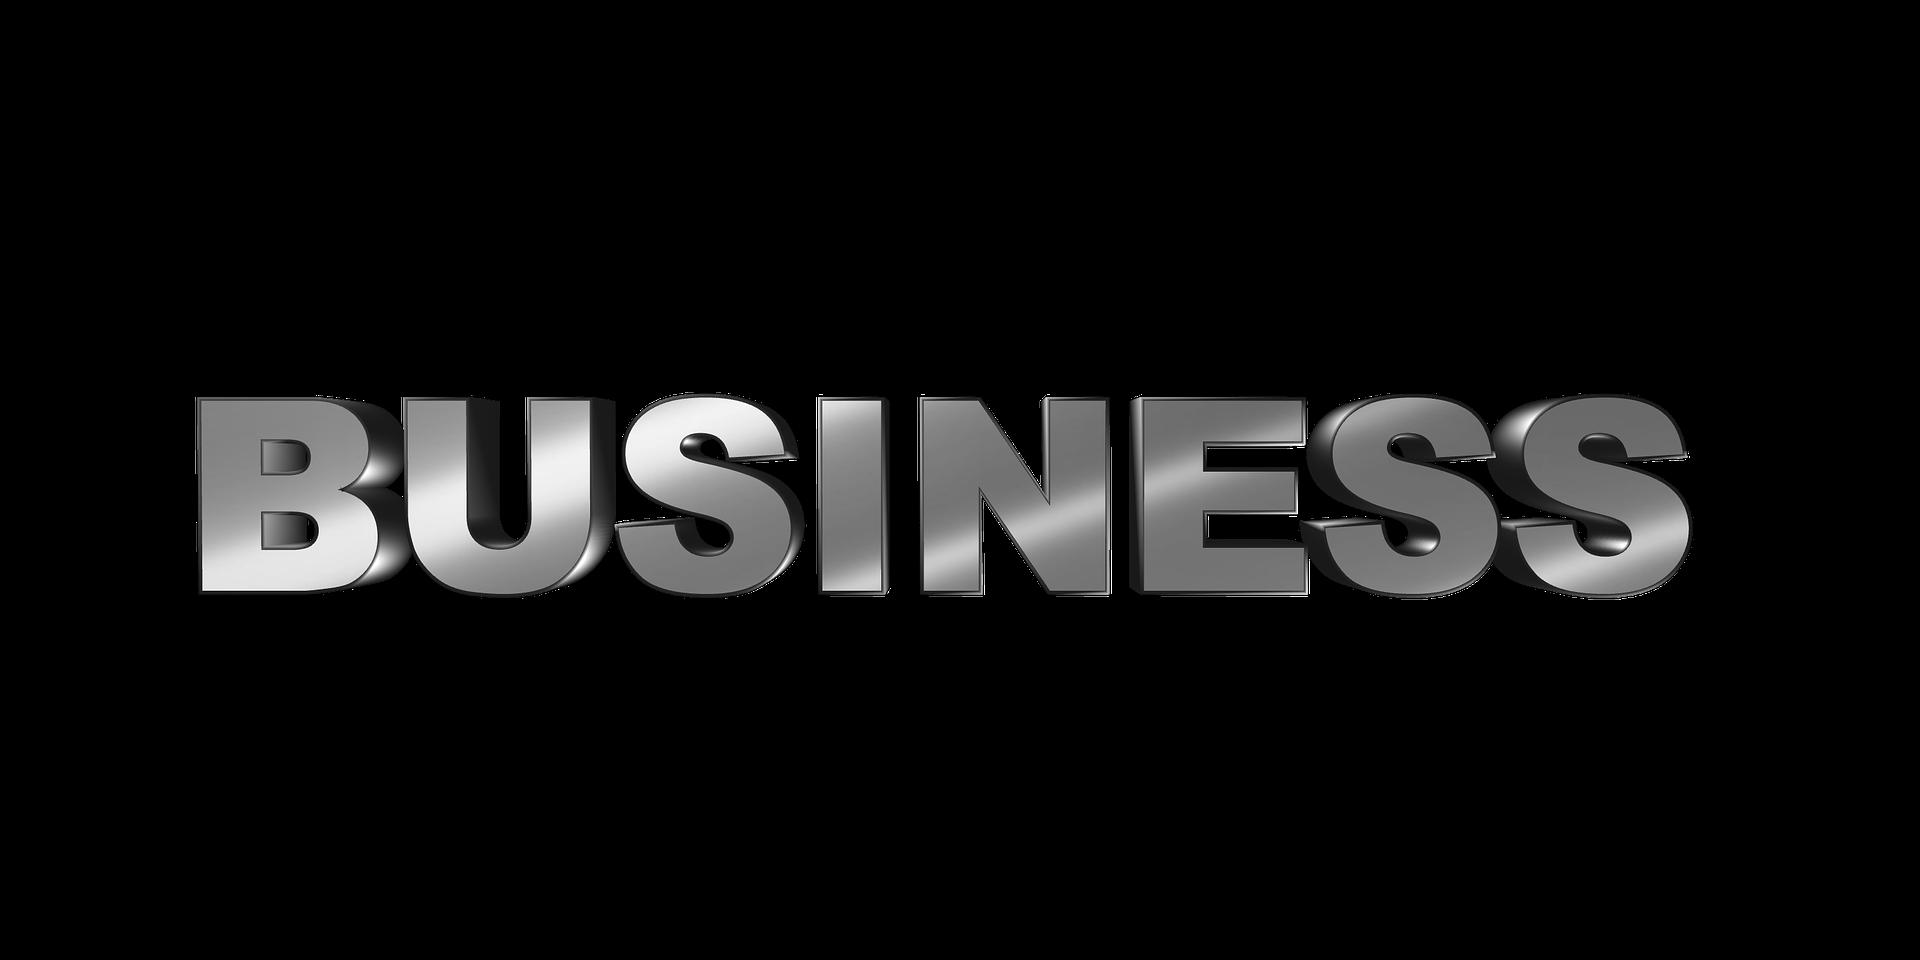 SP. Z O. O. – czy i dlaczego? Czy warto się przekształcać lub założyć nowe przedsiębiorstwo w formie spółki z ograniczoną odpowiedzialnością (z o. o.)?